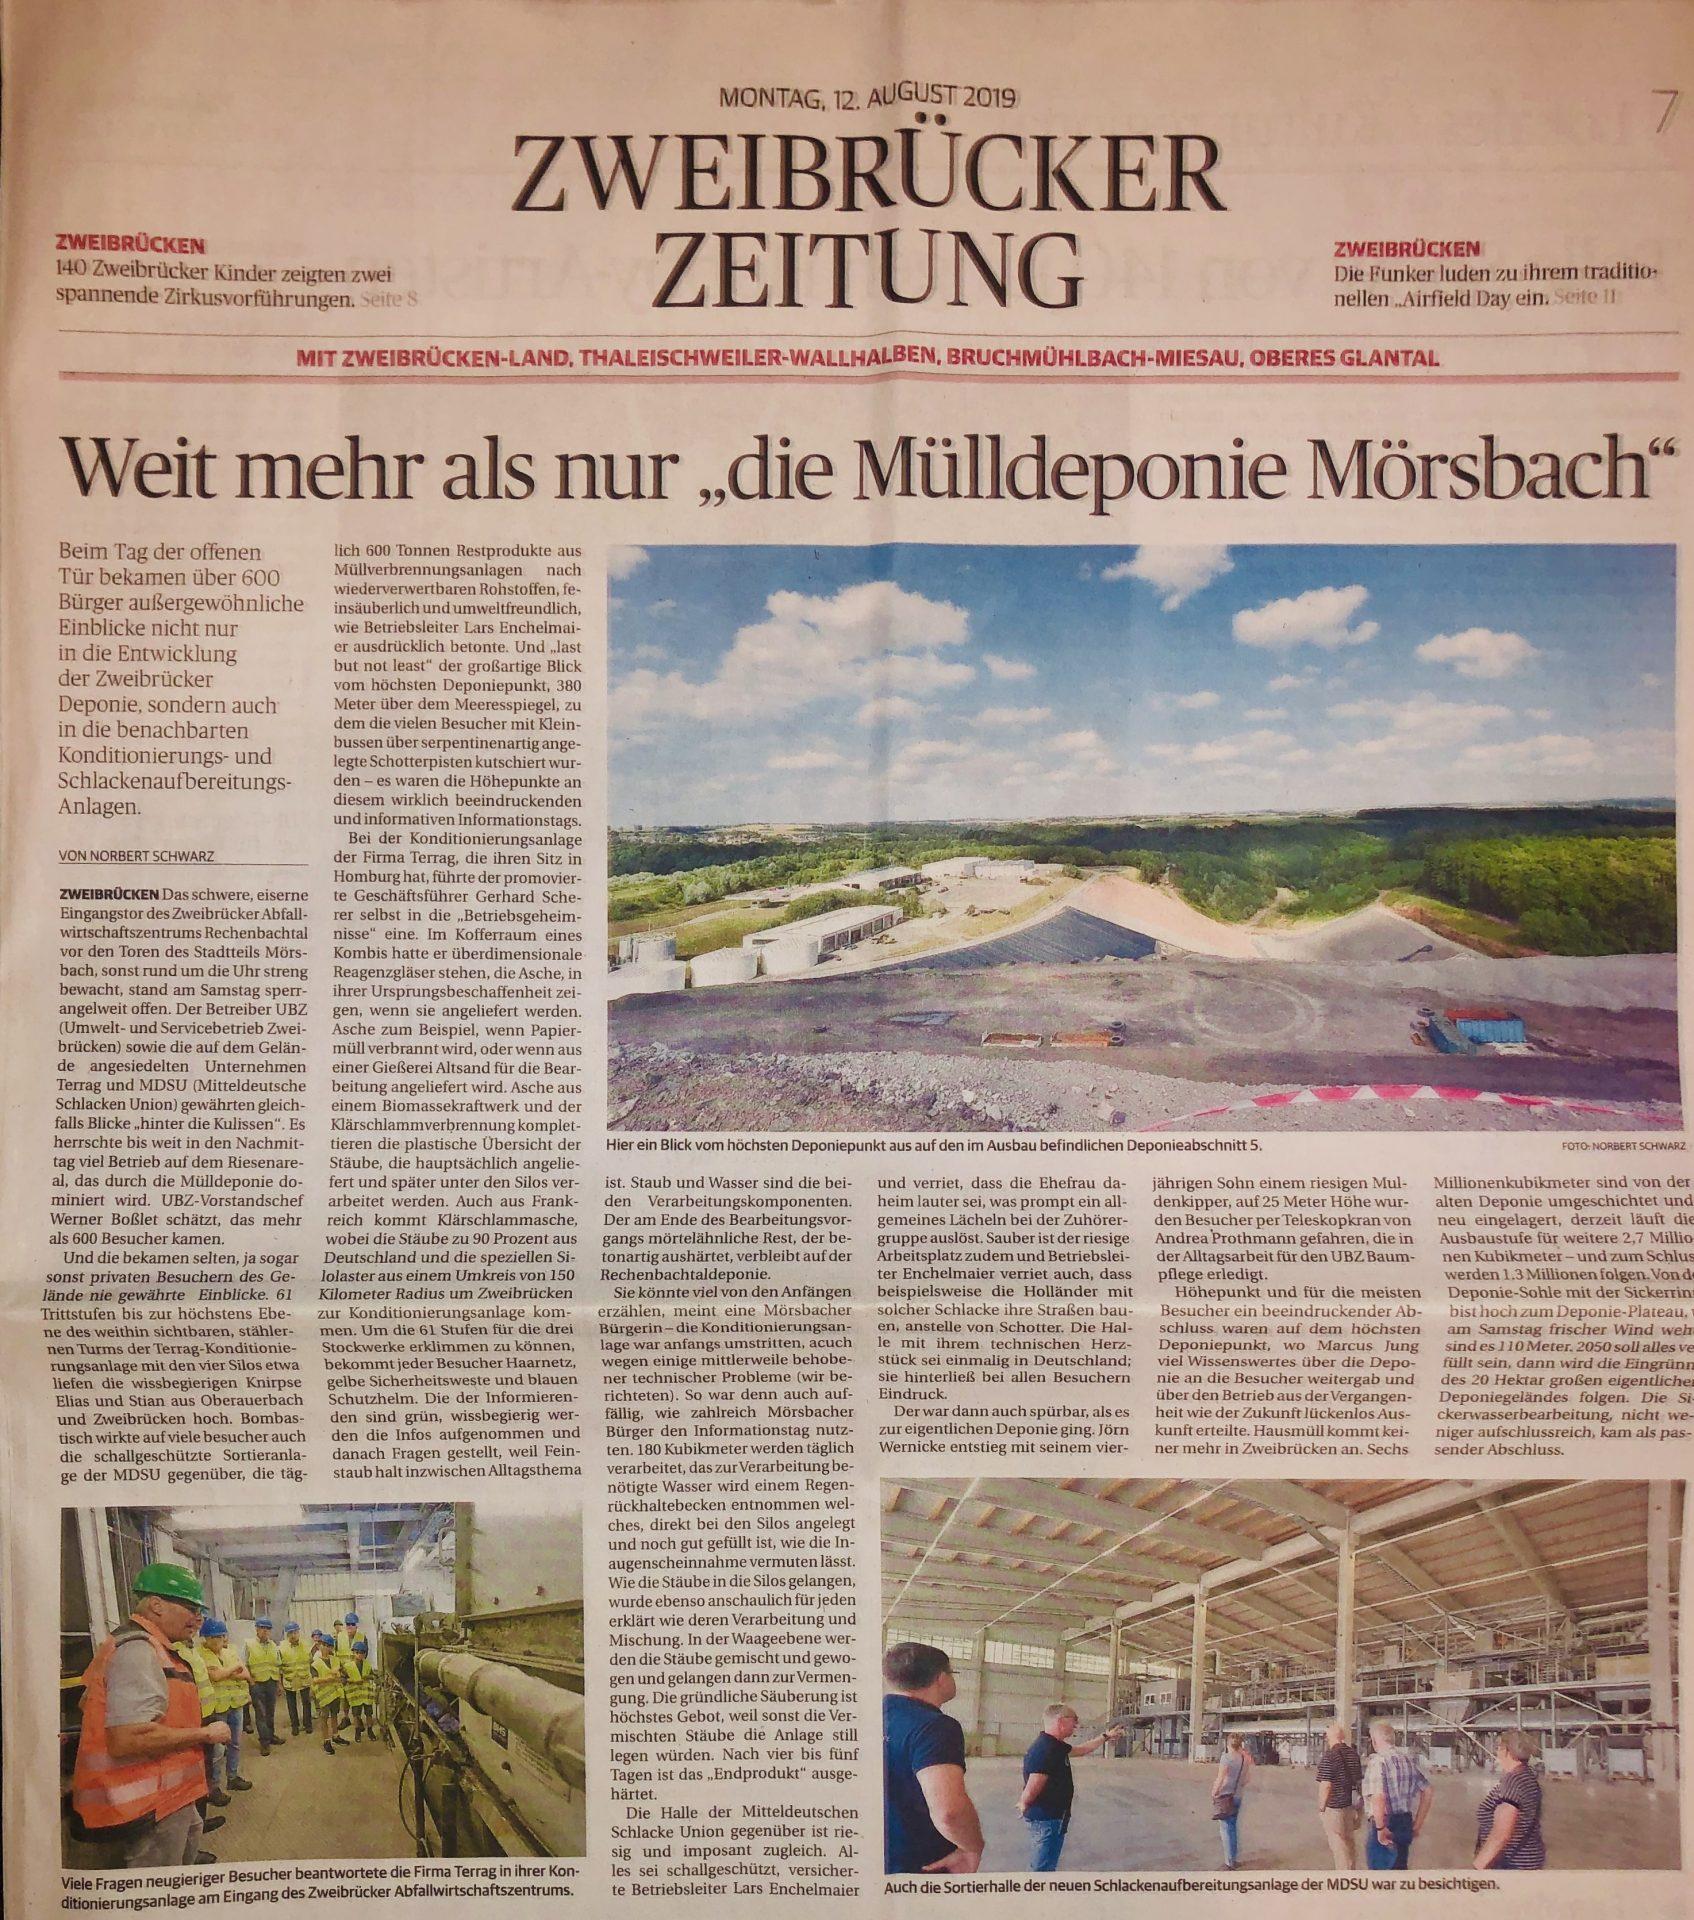 Tag der offenen Tür: Zweibrücker Zeitung